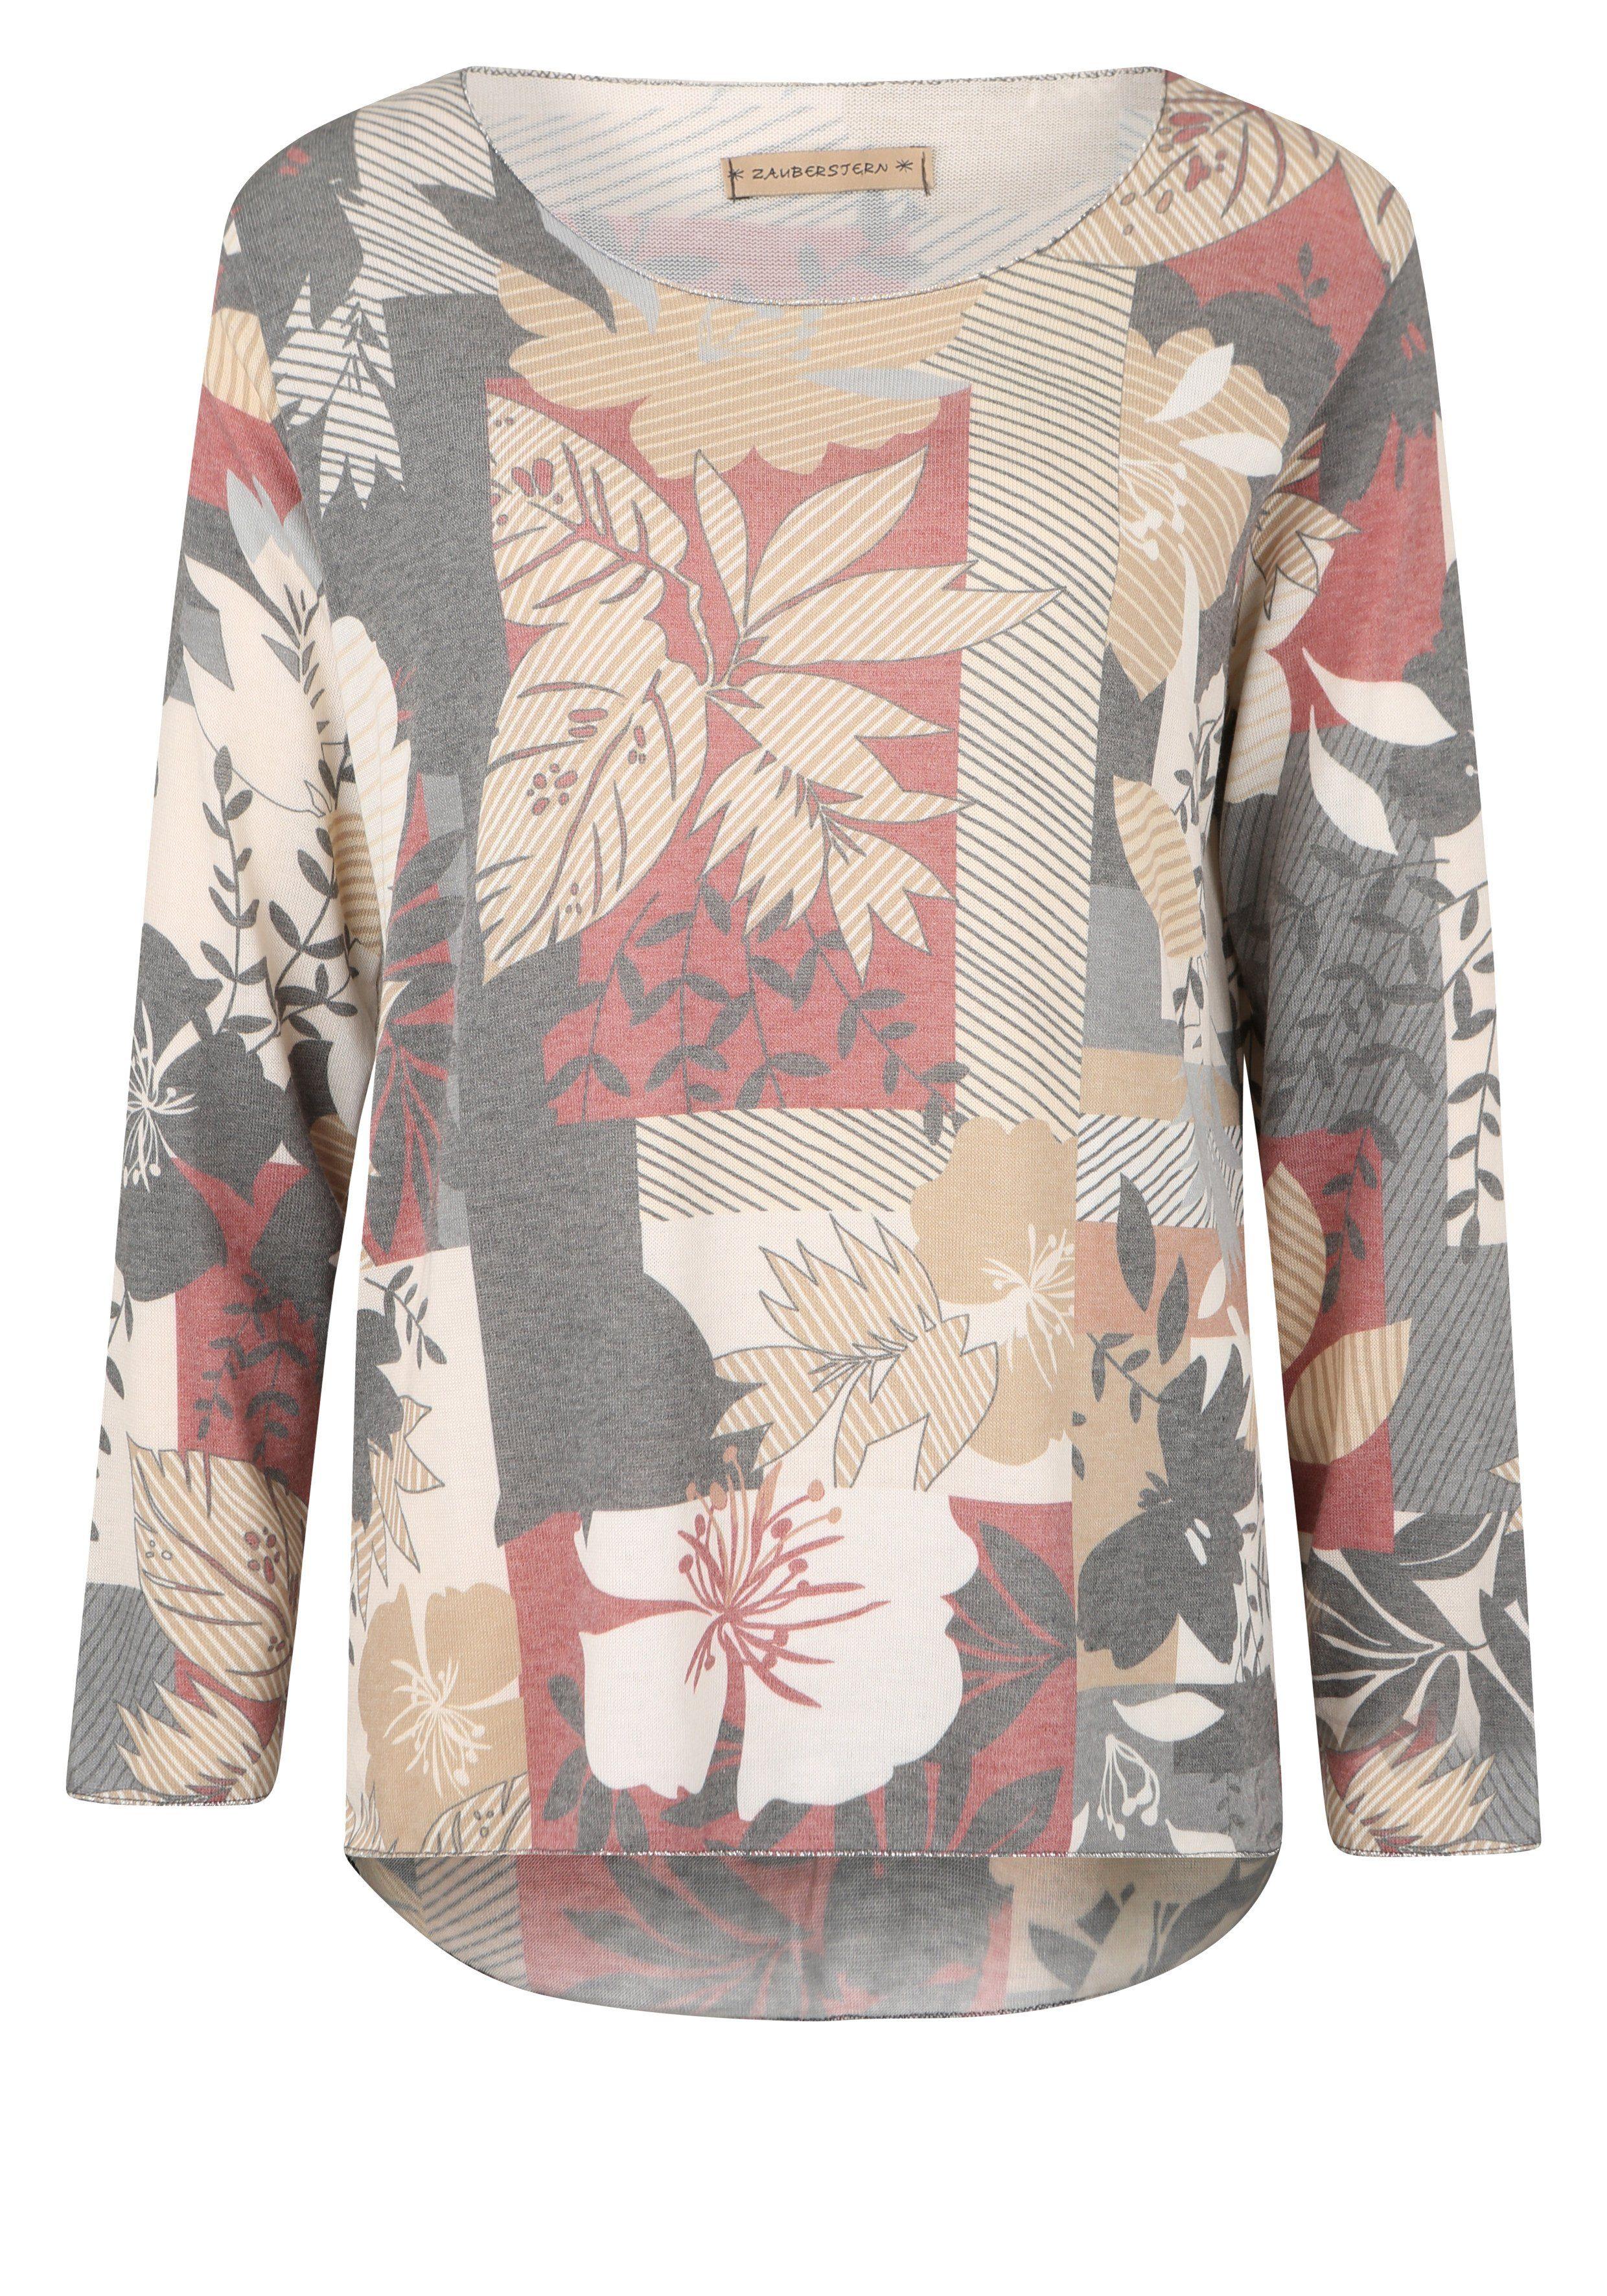 zauberstern Sonstige Pullover für Damen online kaufen | Damenmode